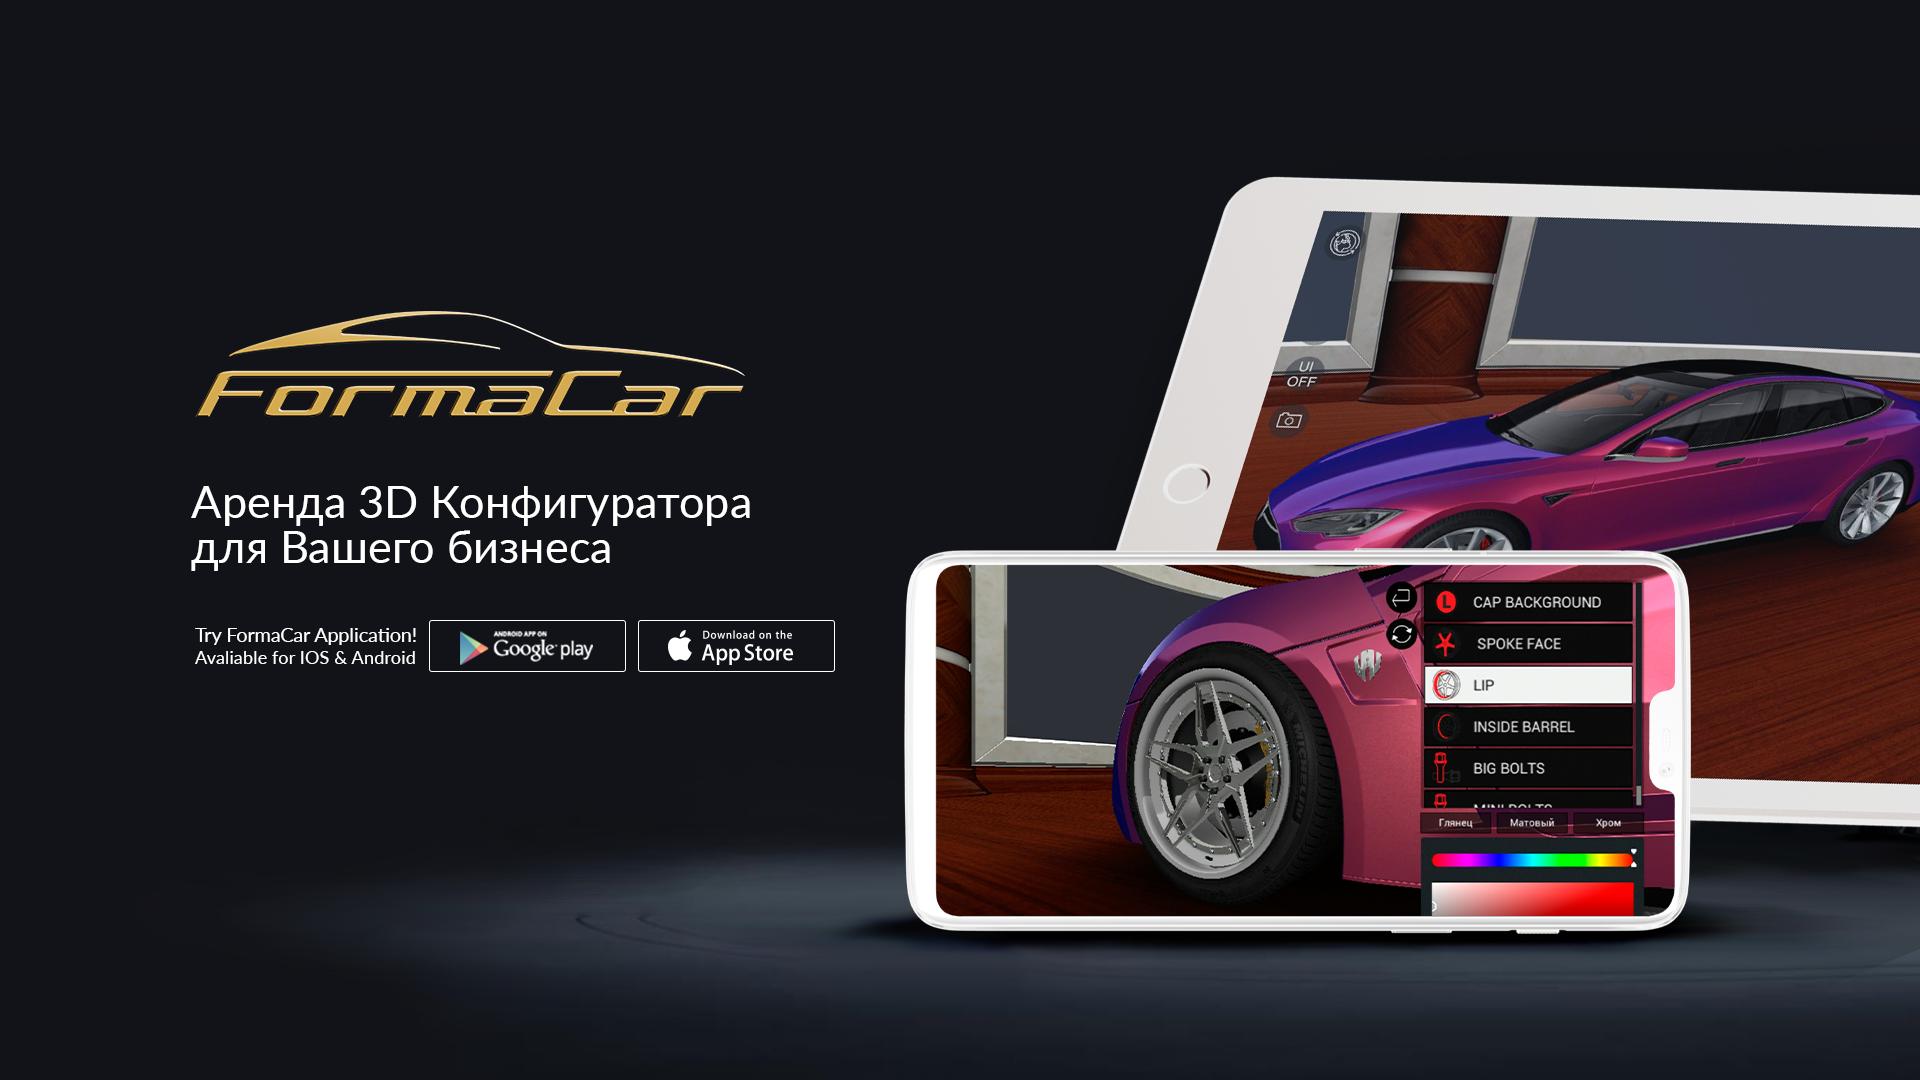 Формакар - не имеющий аналогов 3D реал-тайм конфигуратор автомобилей, включающий в себя огромный ассортимент автомобилей и комплектующих